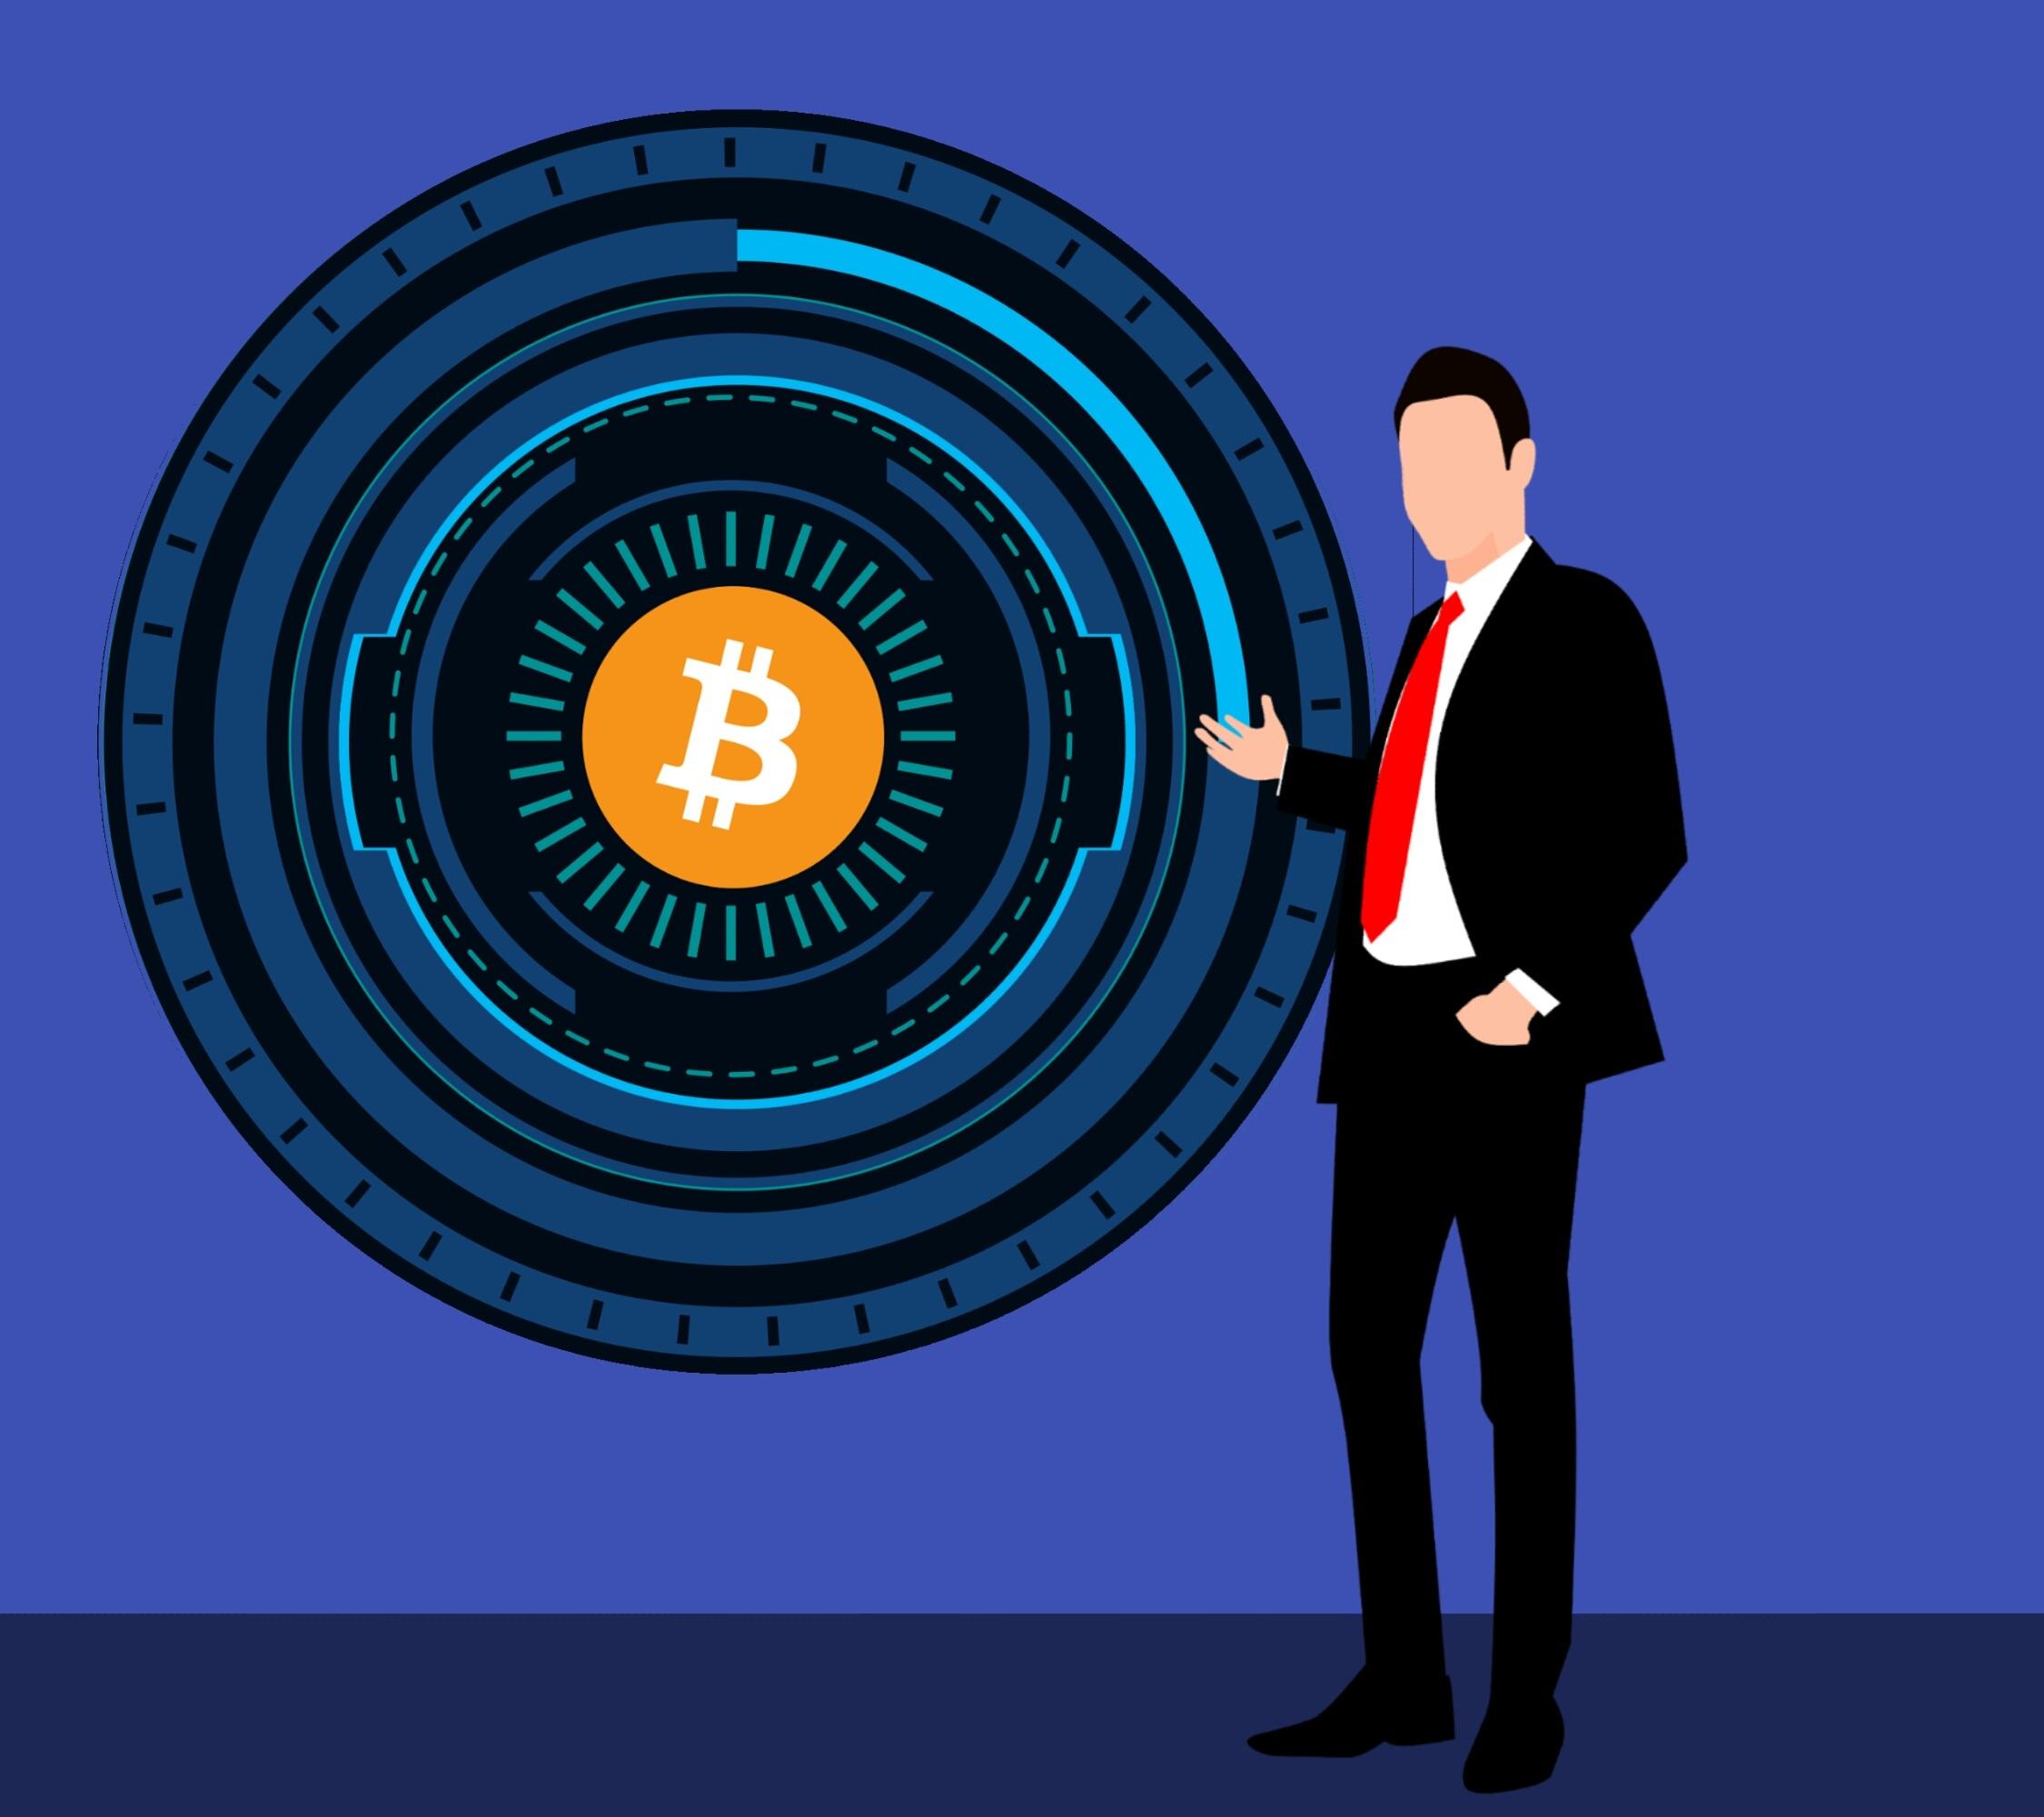 Tehnologia blockchain: informația în lanț care poate revoluționa lumea